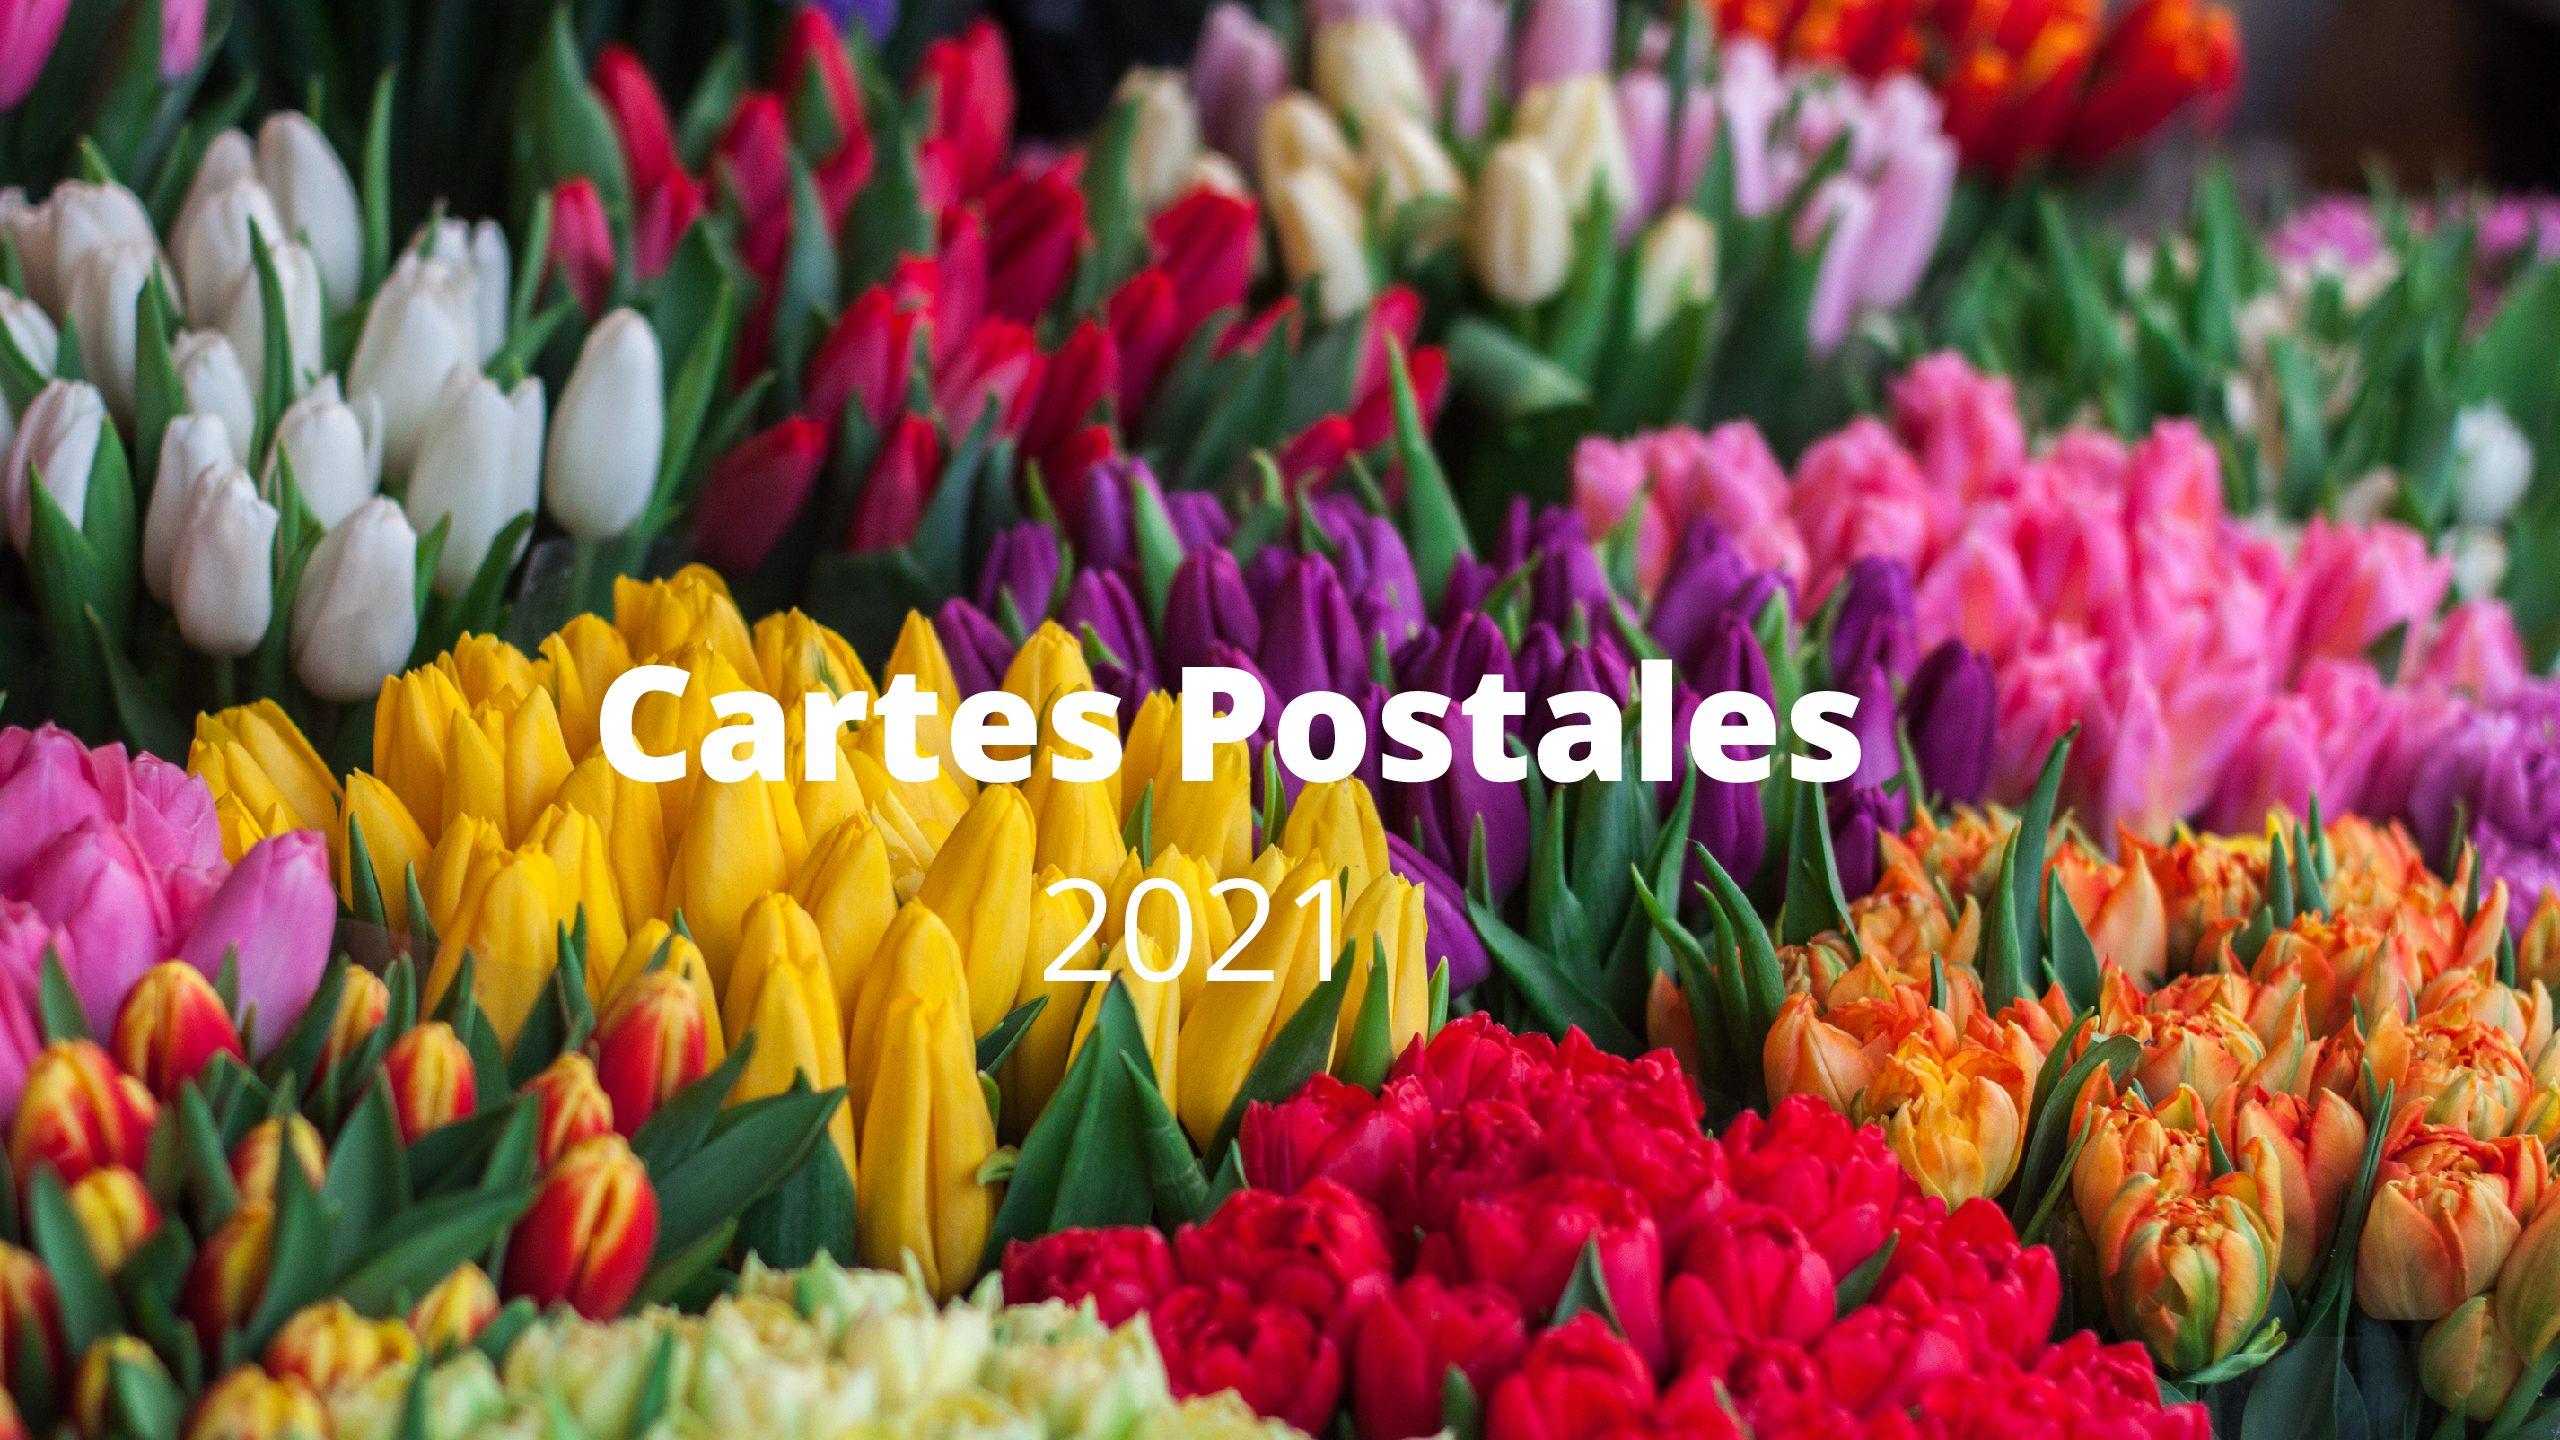 Cartes Postales 2021 (dernière partie) : Laquelle préférez-vous?